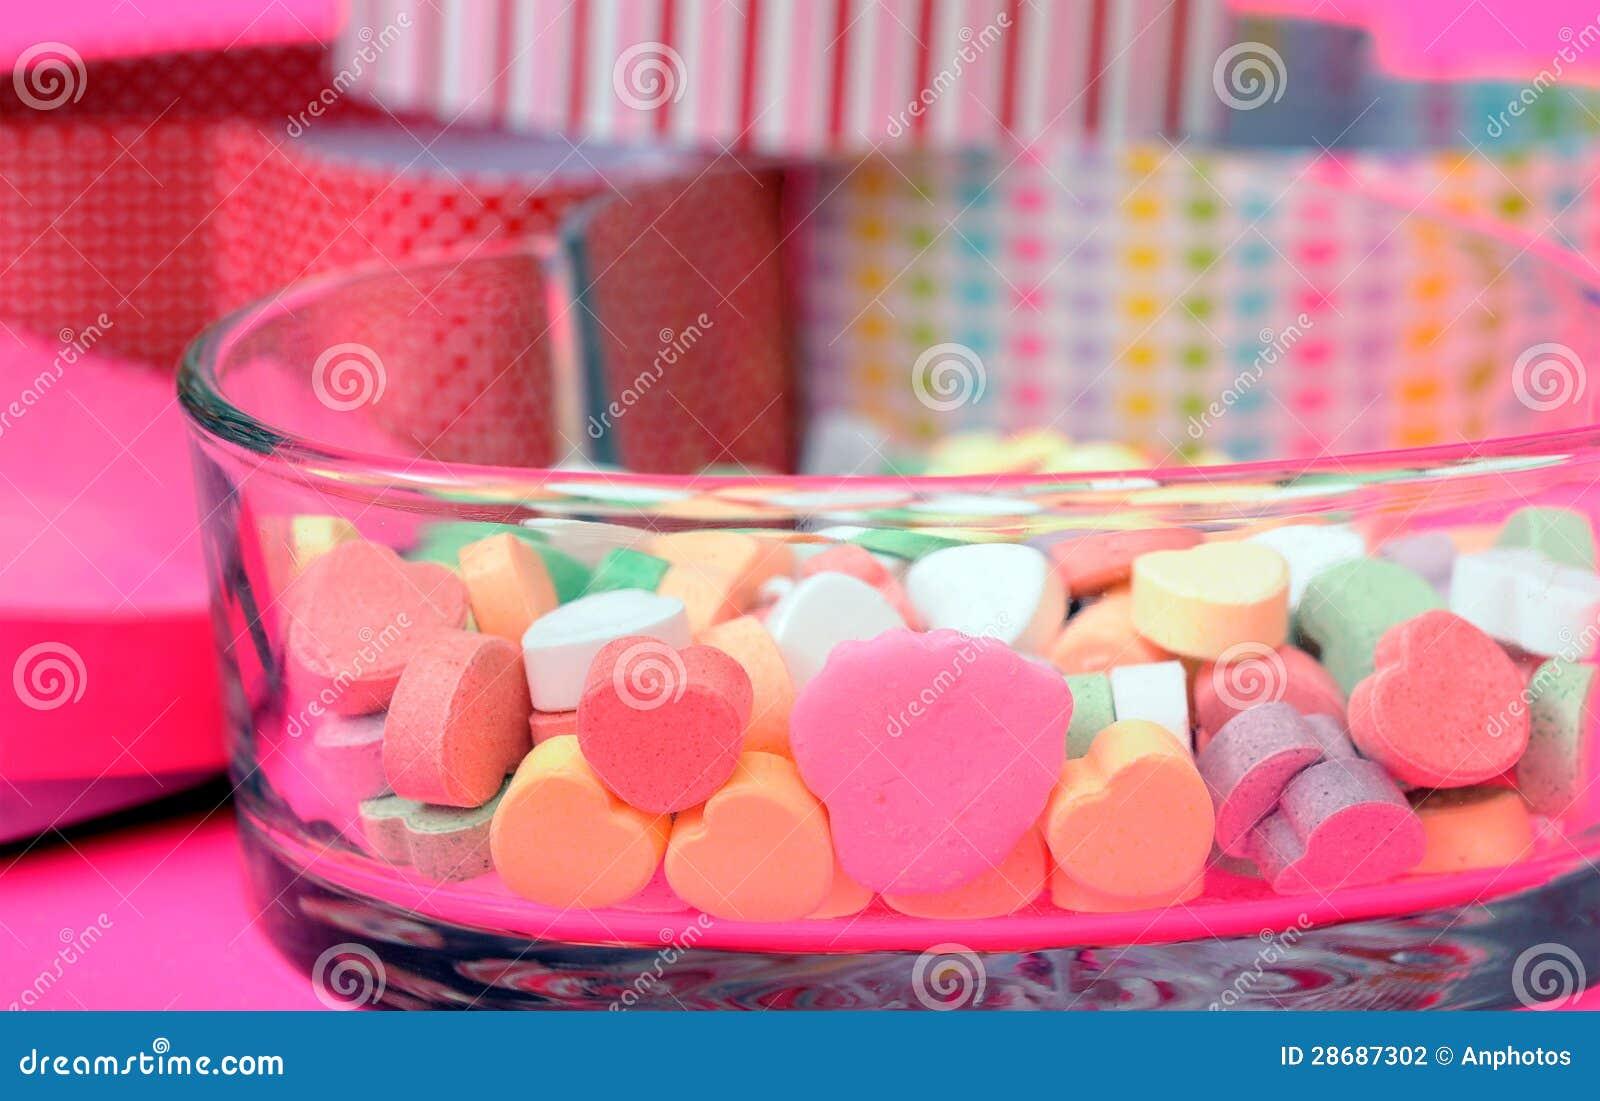 De vormsuikergoed van het hart